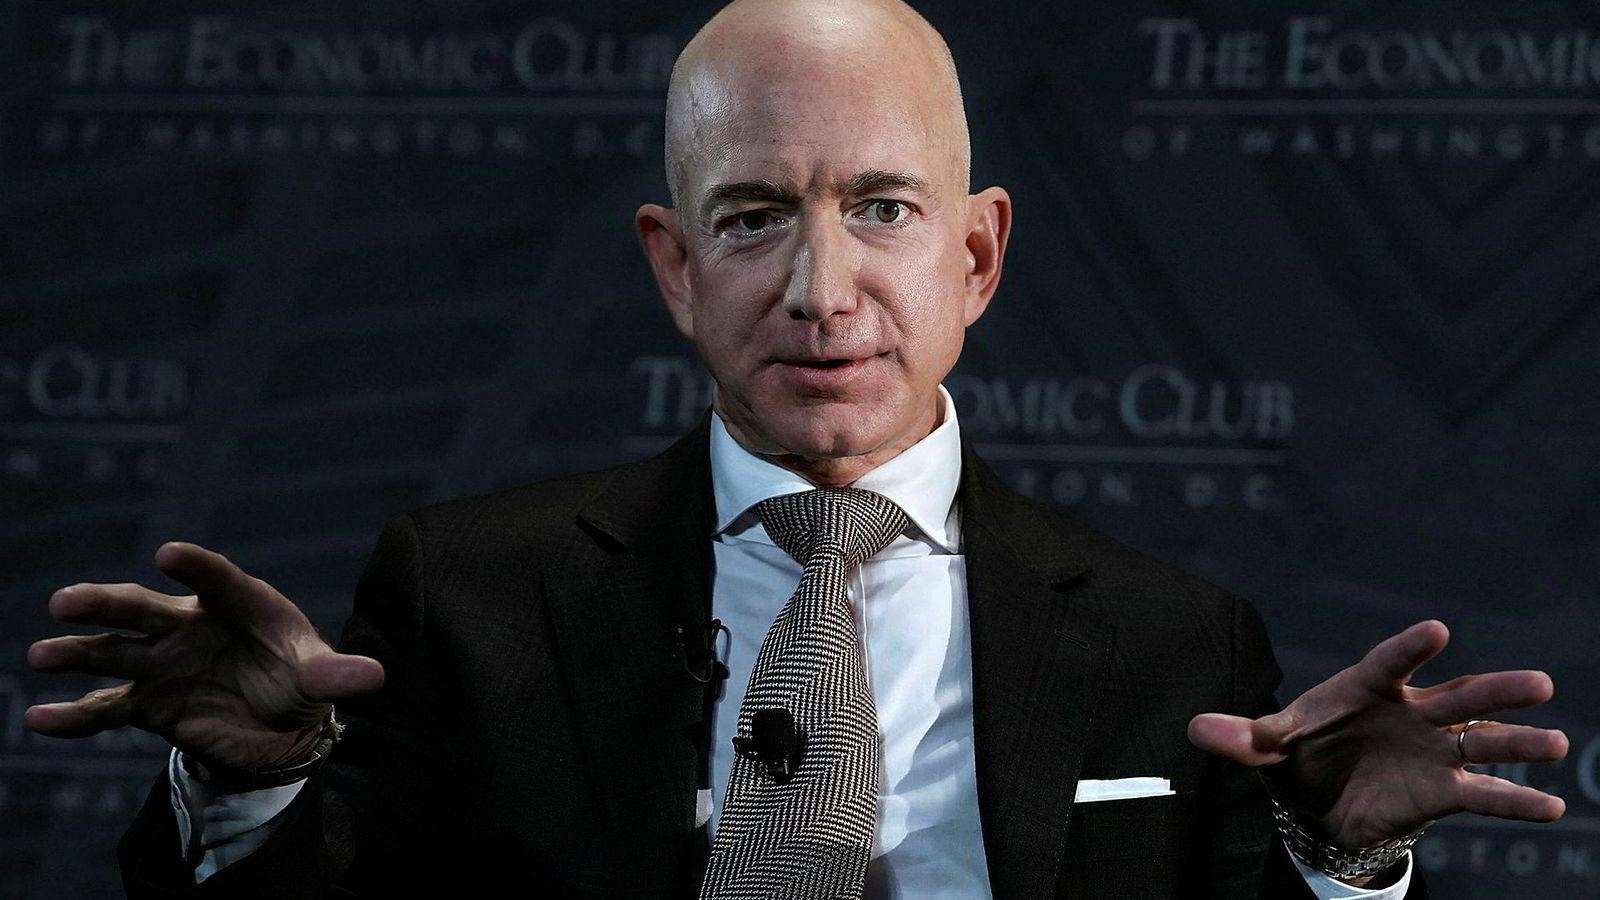 Amazon-sjef Jeff Bezos tror på det helt perfekte marked og mener derfor det ikke kan stemme at folk mistrives i Amazon. Da ville de jo bare byttet jobb.